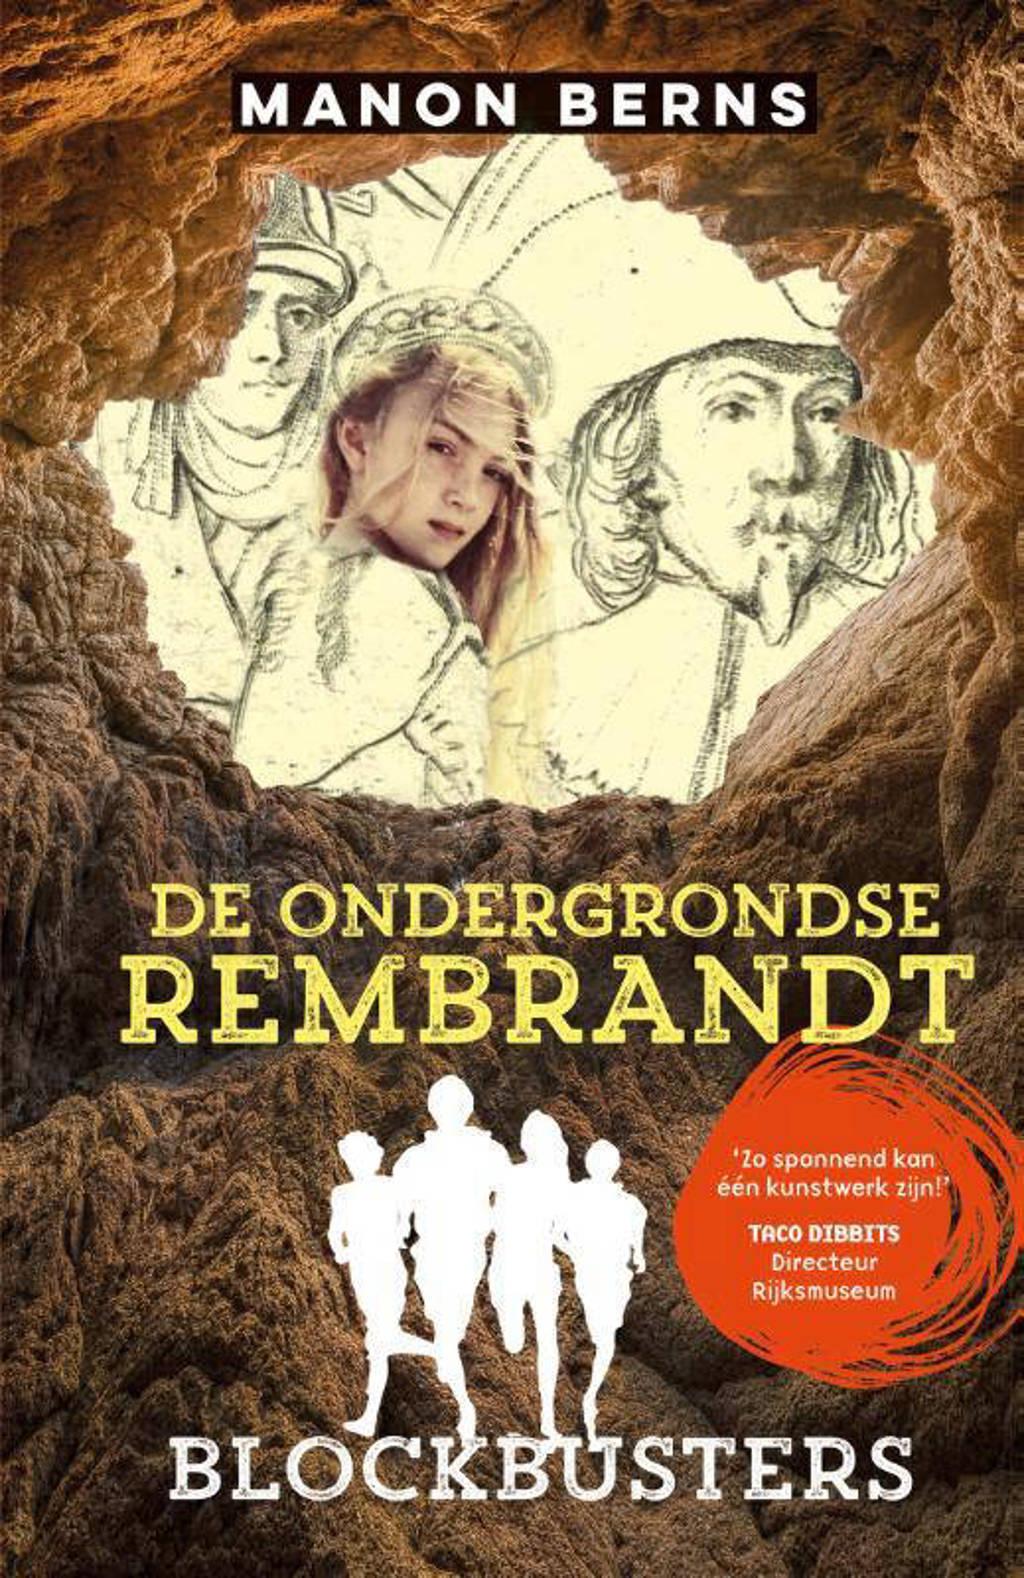 Blockbusters: De ondergrondse Rembrandt - Manon Berns